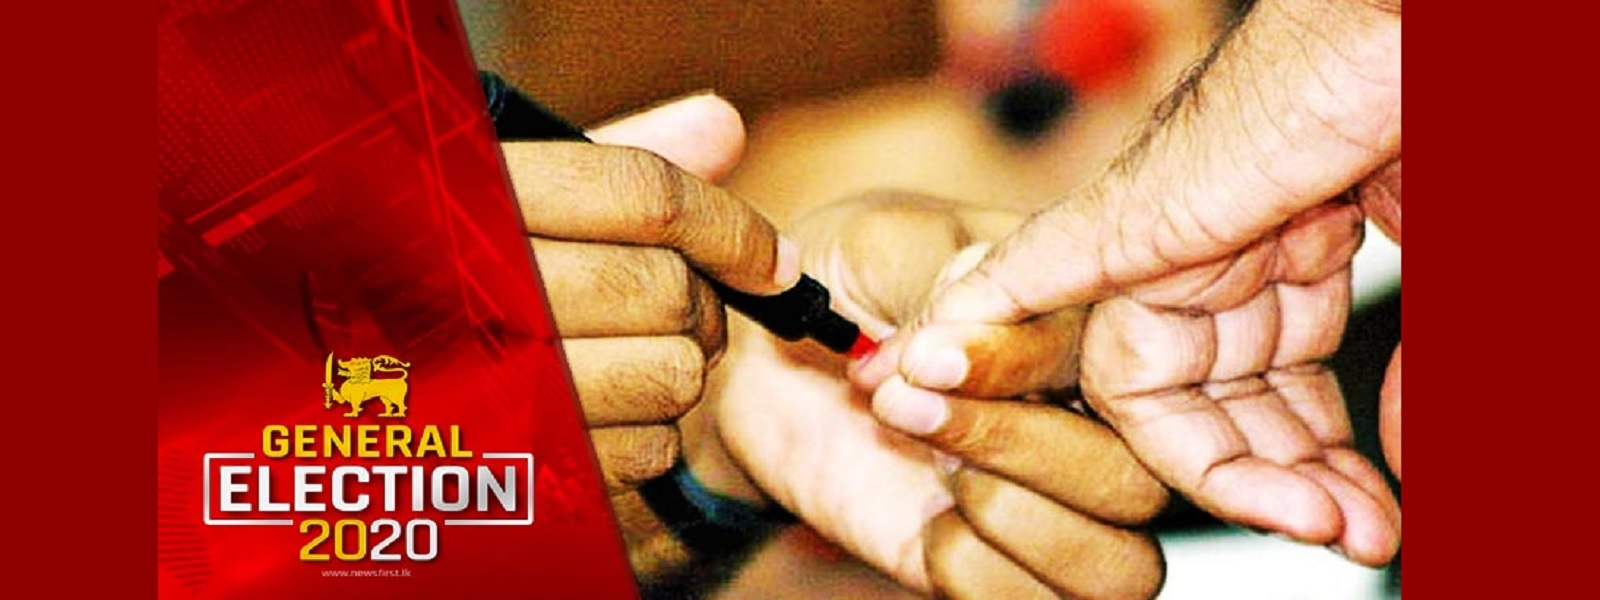 2020 பொதுத் தேர்தல்: நாடளாவிய ரீதியிலான பெறுபேறுகள்